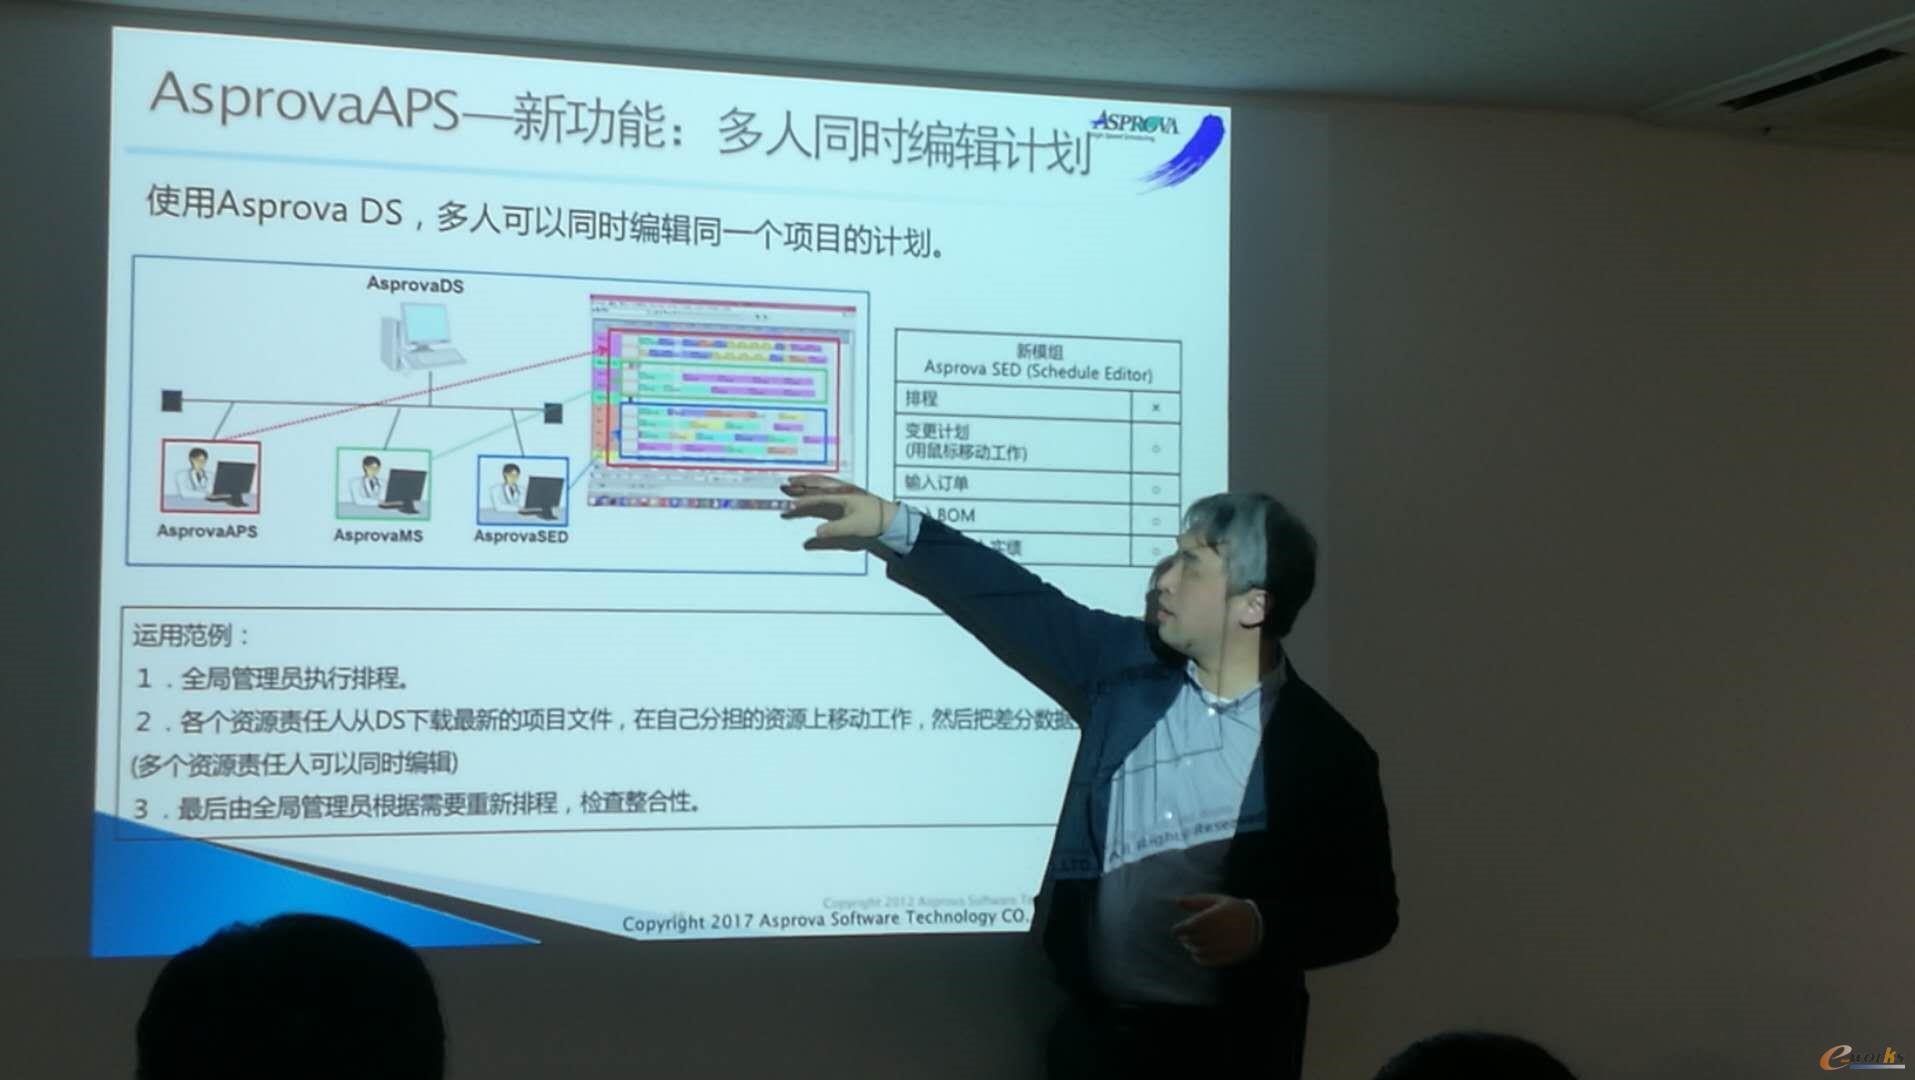 Asprova中国区负责人徐嘉良介绍APS系统在制造业的实际应用